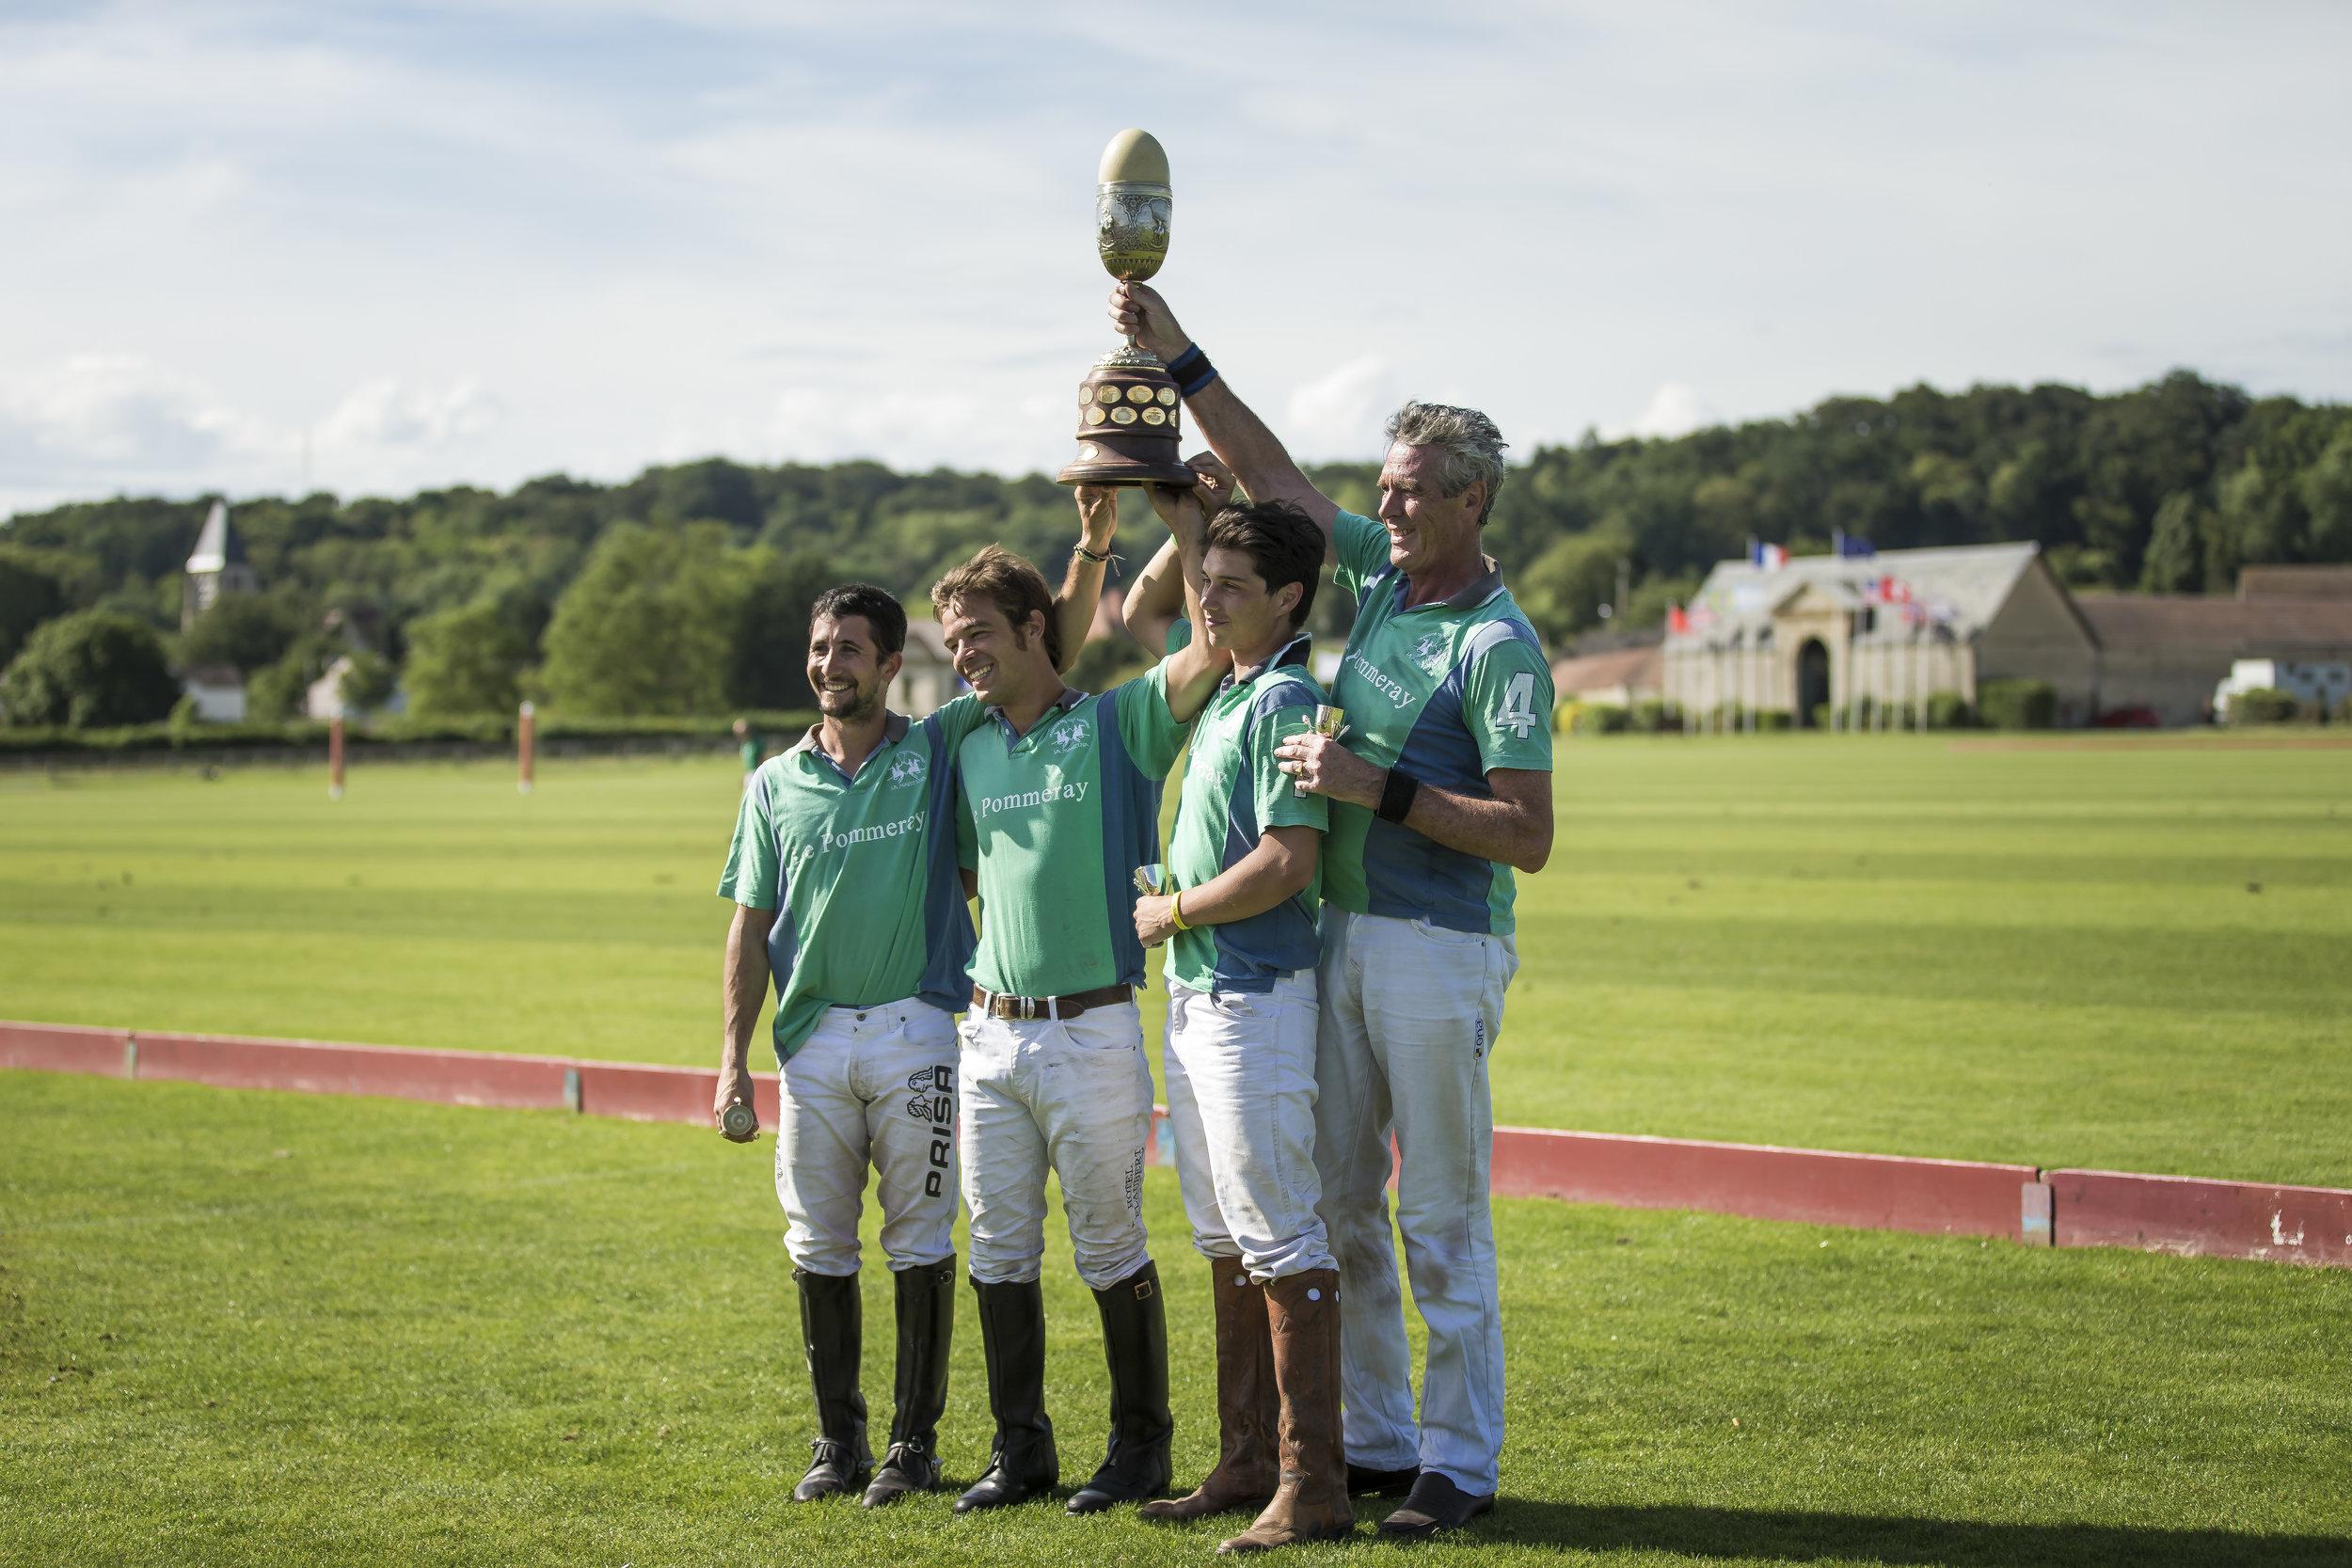 LE POMMERAY vainqueur de la dernière édition.